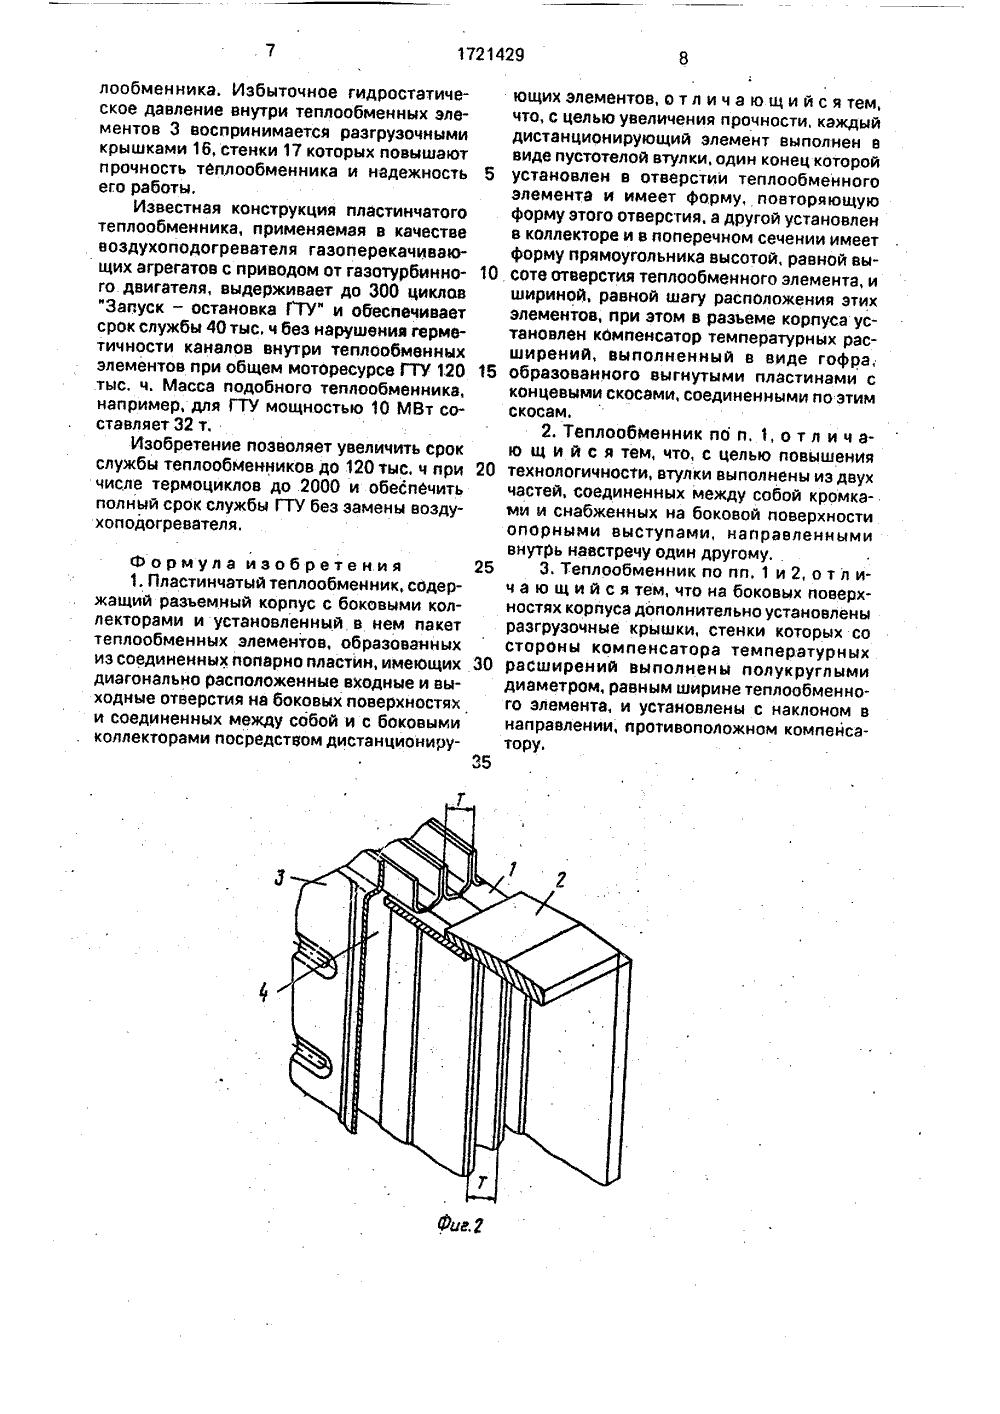 теплообменник 600тнгв - 1, 6-м23/2520г-2-1